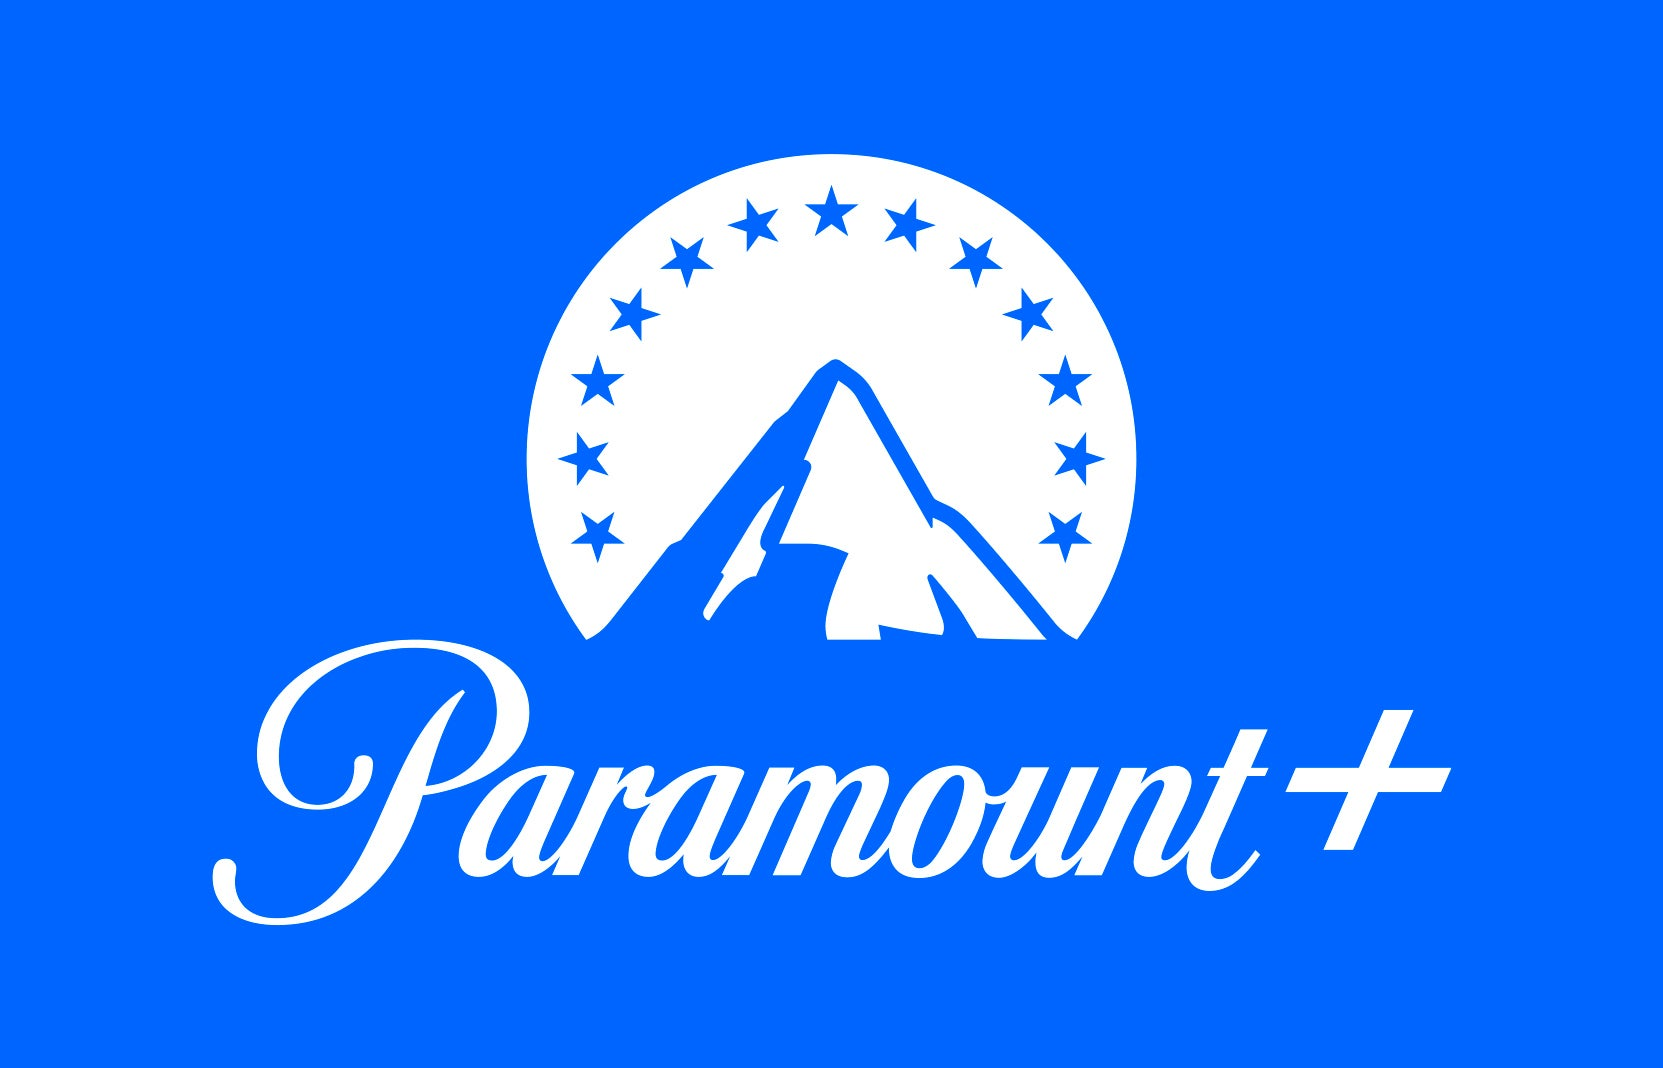 Novo serviço de streaming PARAMOUNT+ chega essa semana ao Brasil